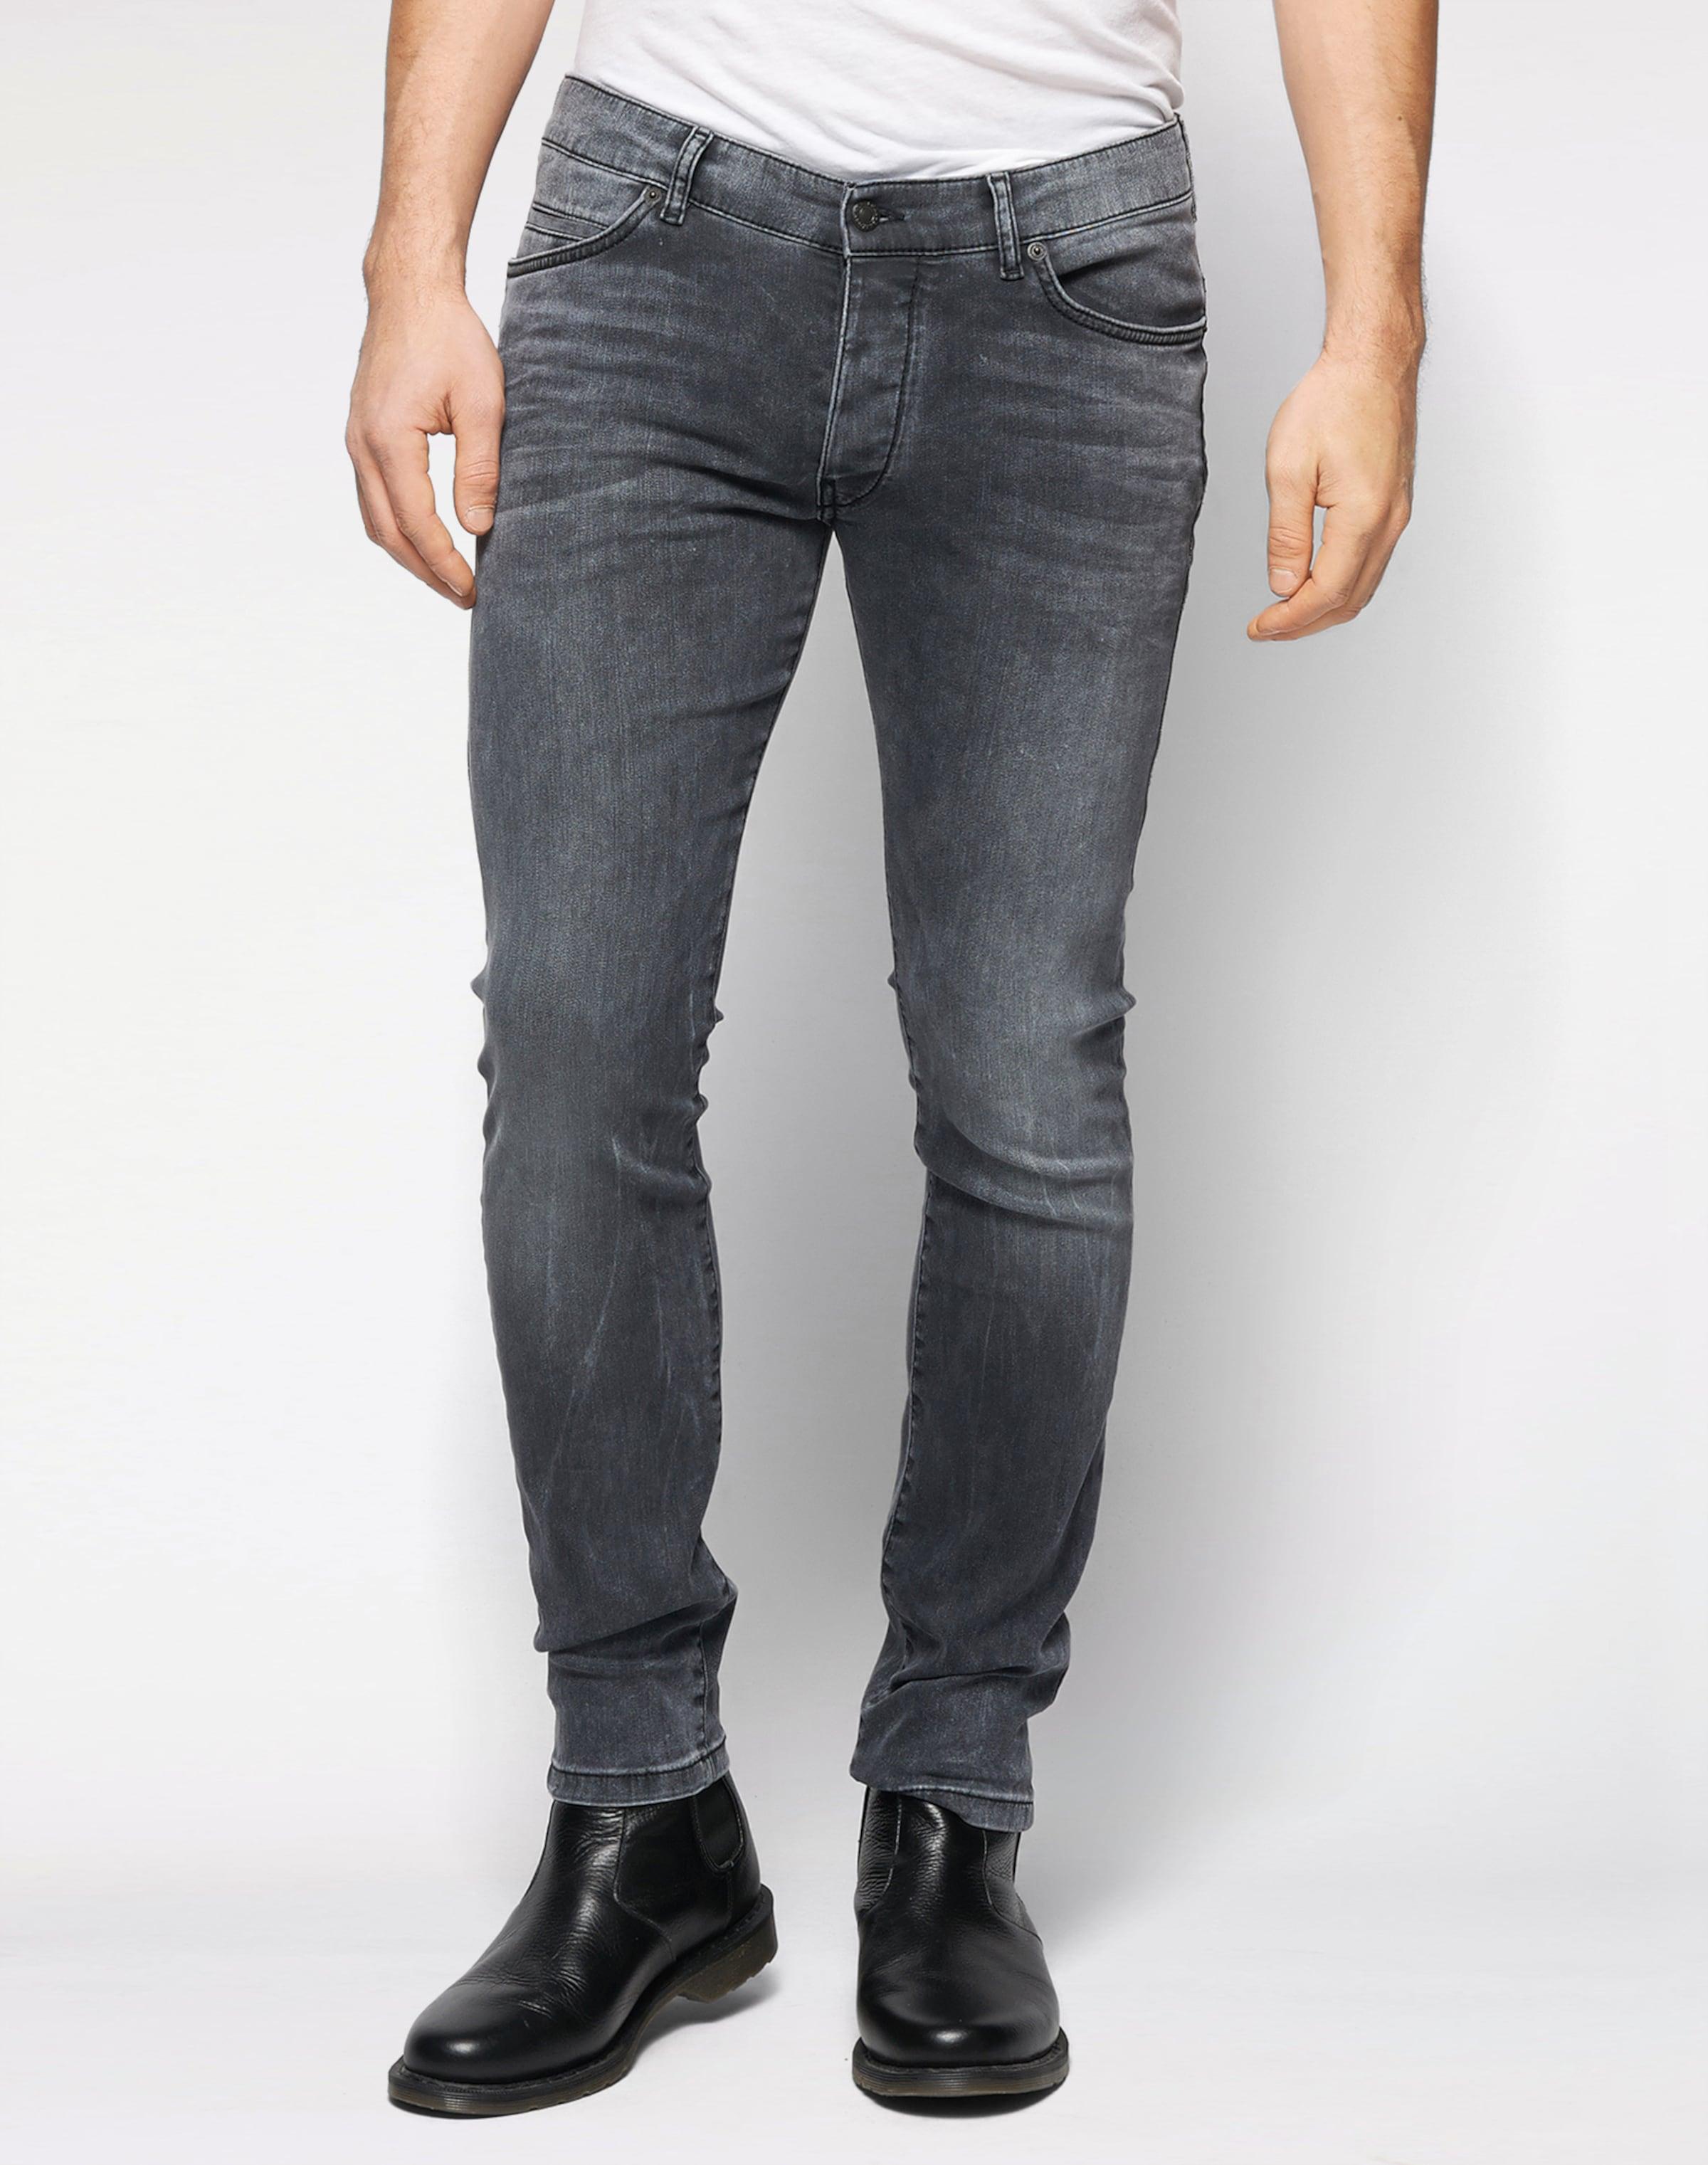 Spielraum 2018 DRYKORN Jeans 'Jaz' Verkauf 2018 Modestil H5F3GZp